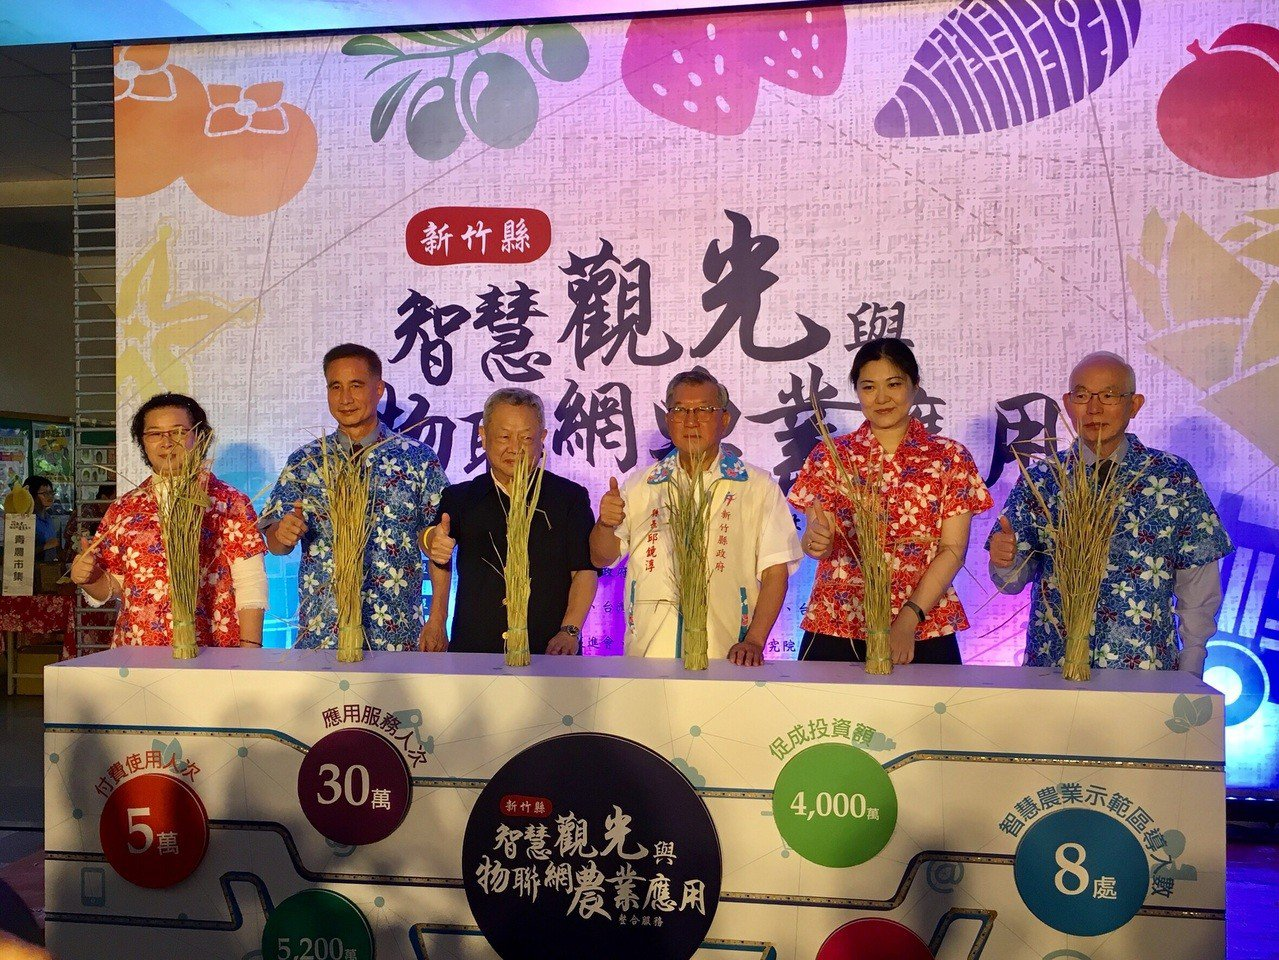 新竹縣政府將與富鴻網、台灣租車及台灣楓康超市攜手合作,運用物聯網、大數據、AR、...